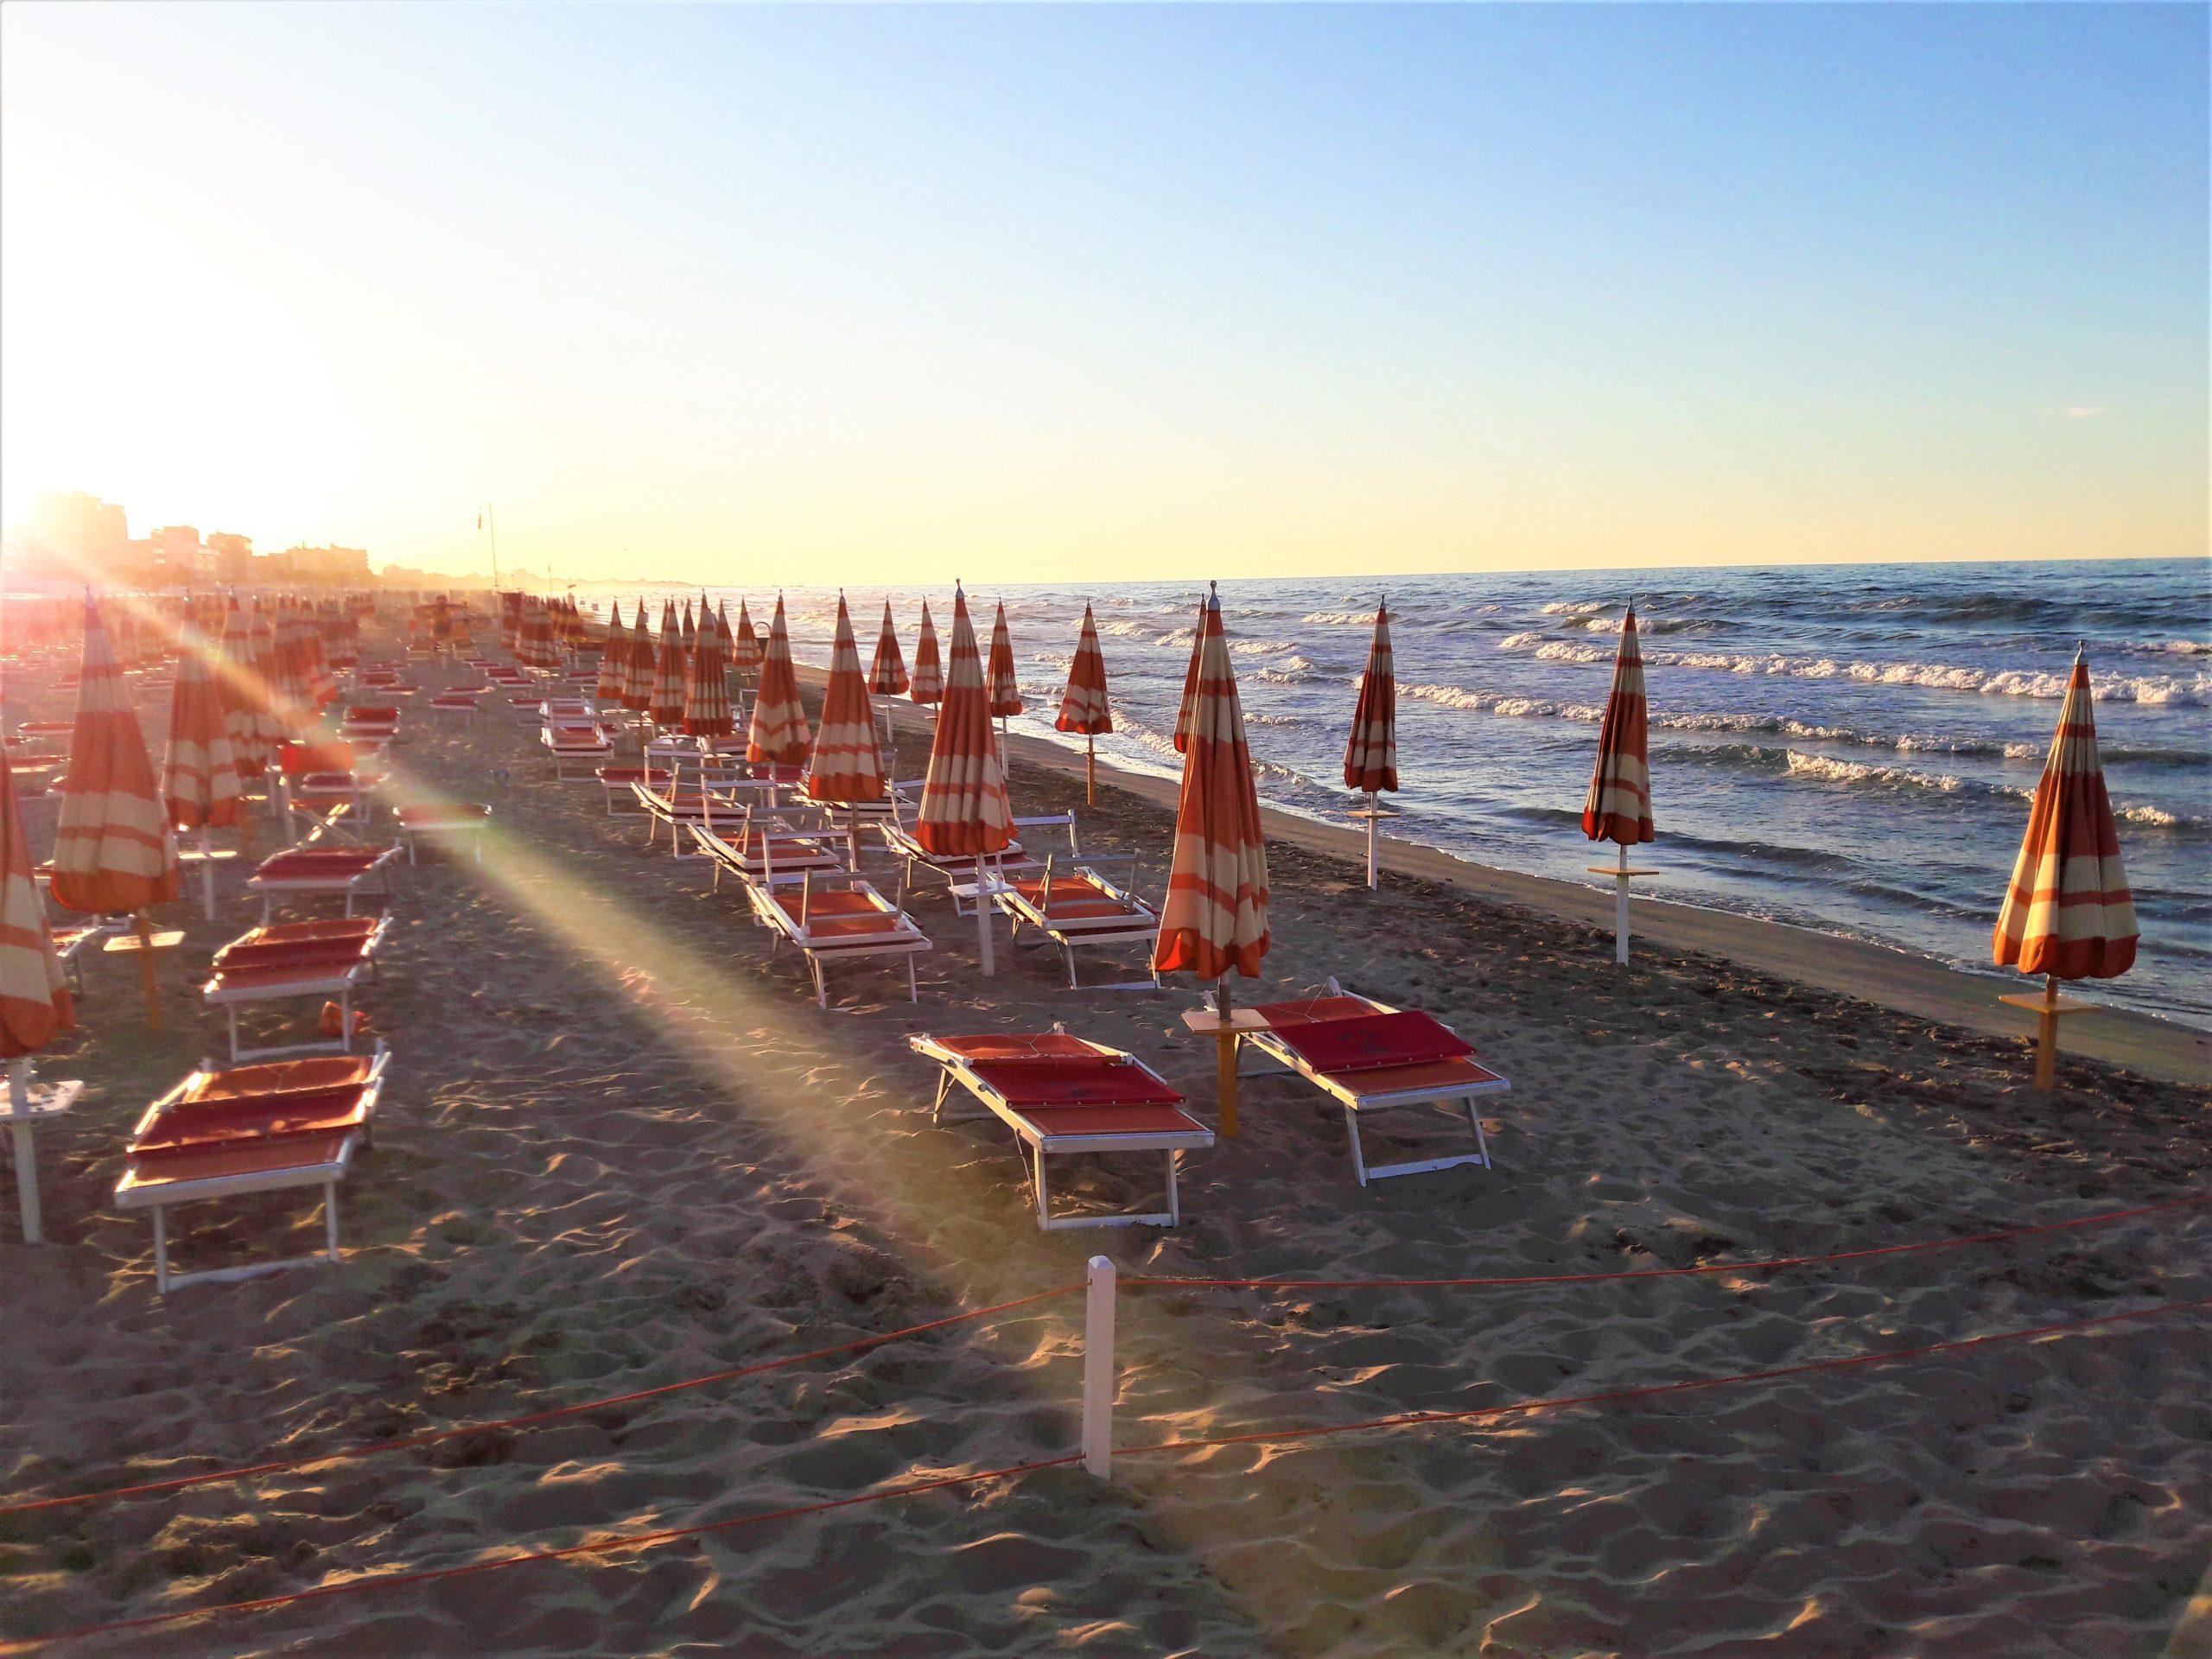 Plážový život v Ravenne